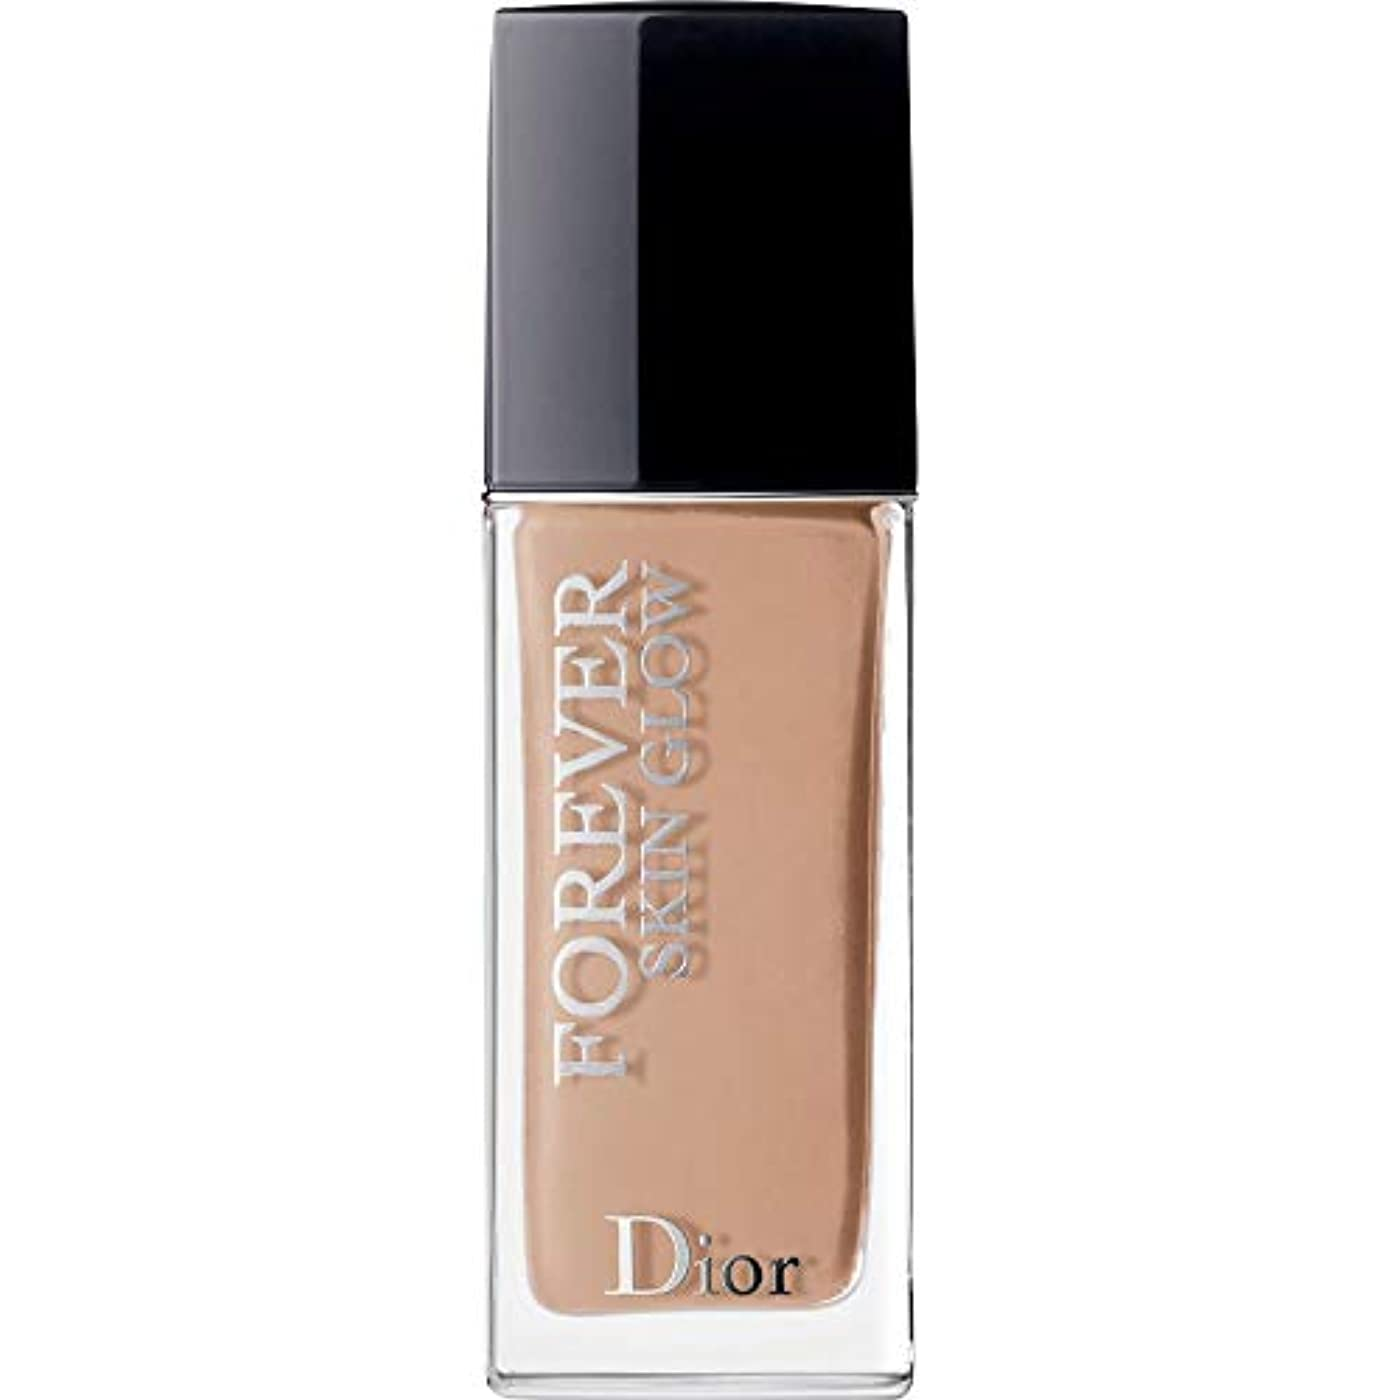 日記束ねる妖精[Dior ] ディオール永遠に皮膚グロー皮膚思いやりの基礎Spf35 30ミリリットル4Cを - クール(肌の輝き) - DIOR Forever Skin Glow Skin-Caring Foundation SPF35...